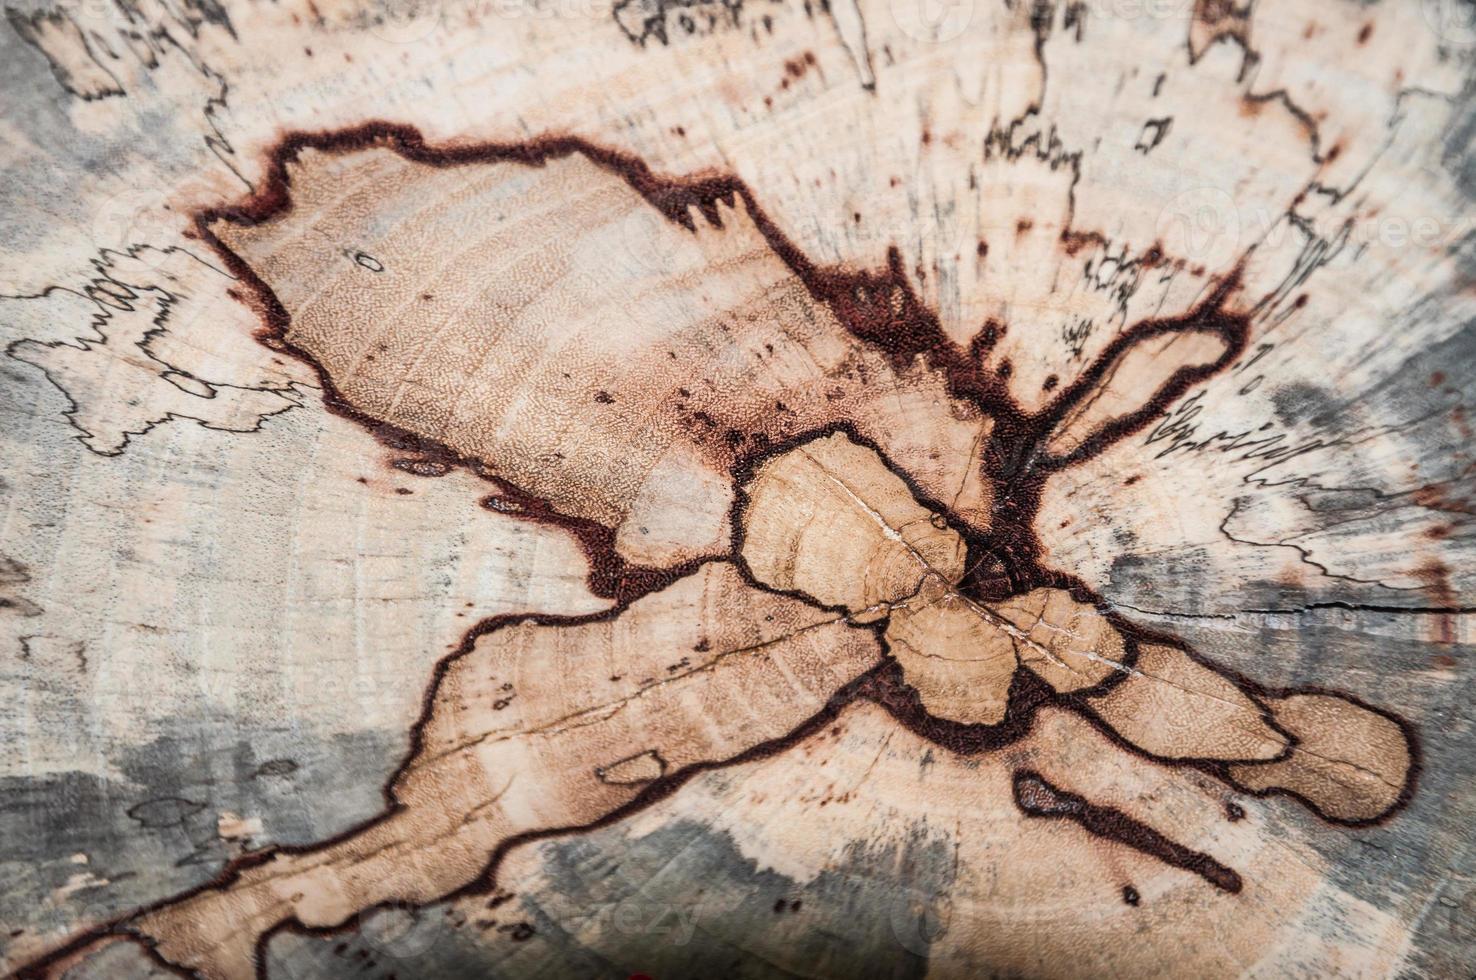 Grunge Holz Textur als Hintergrund verwendet foto